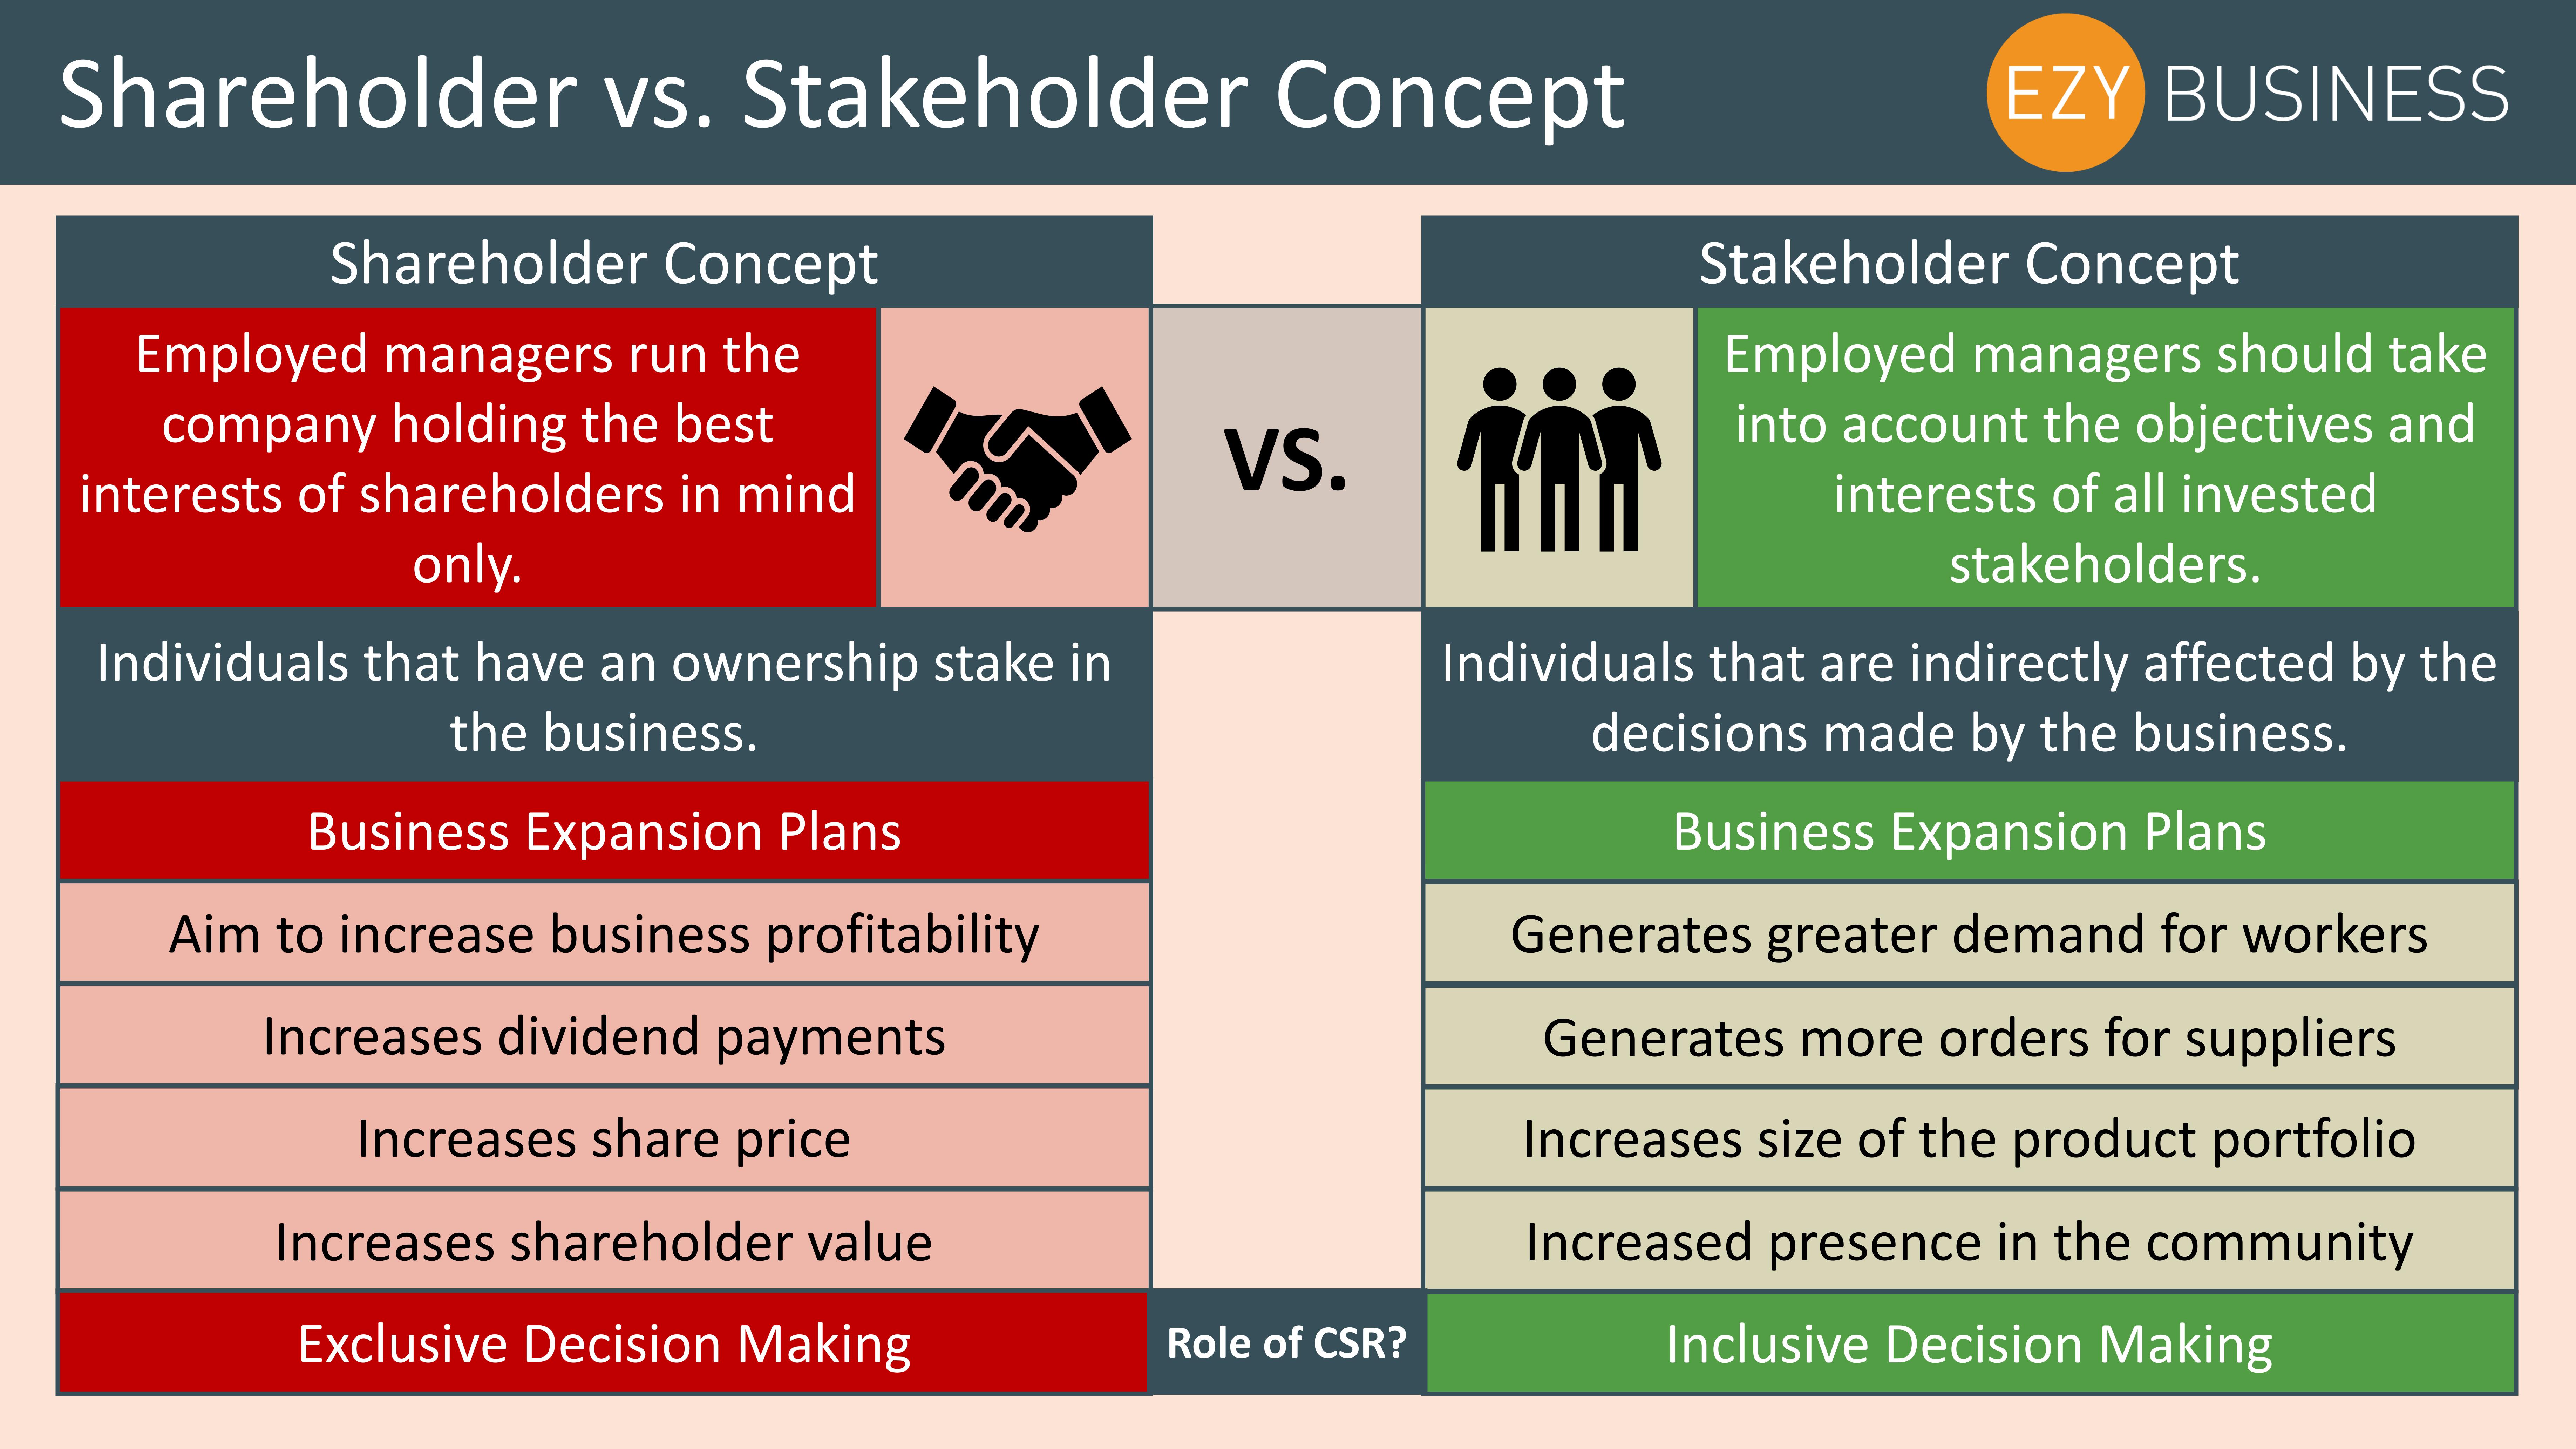 shareholder concept